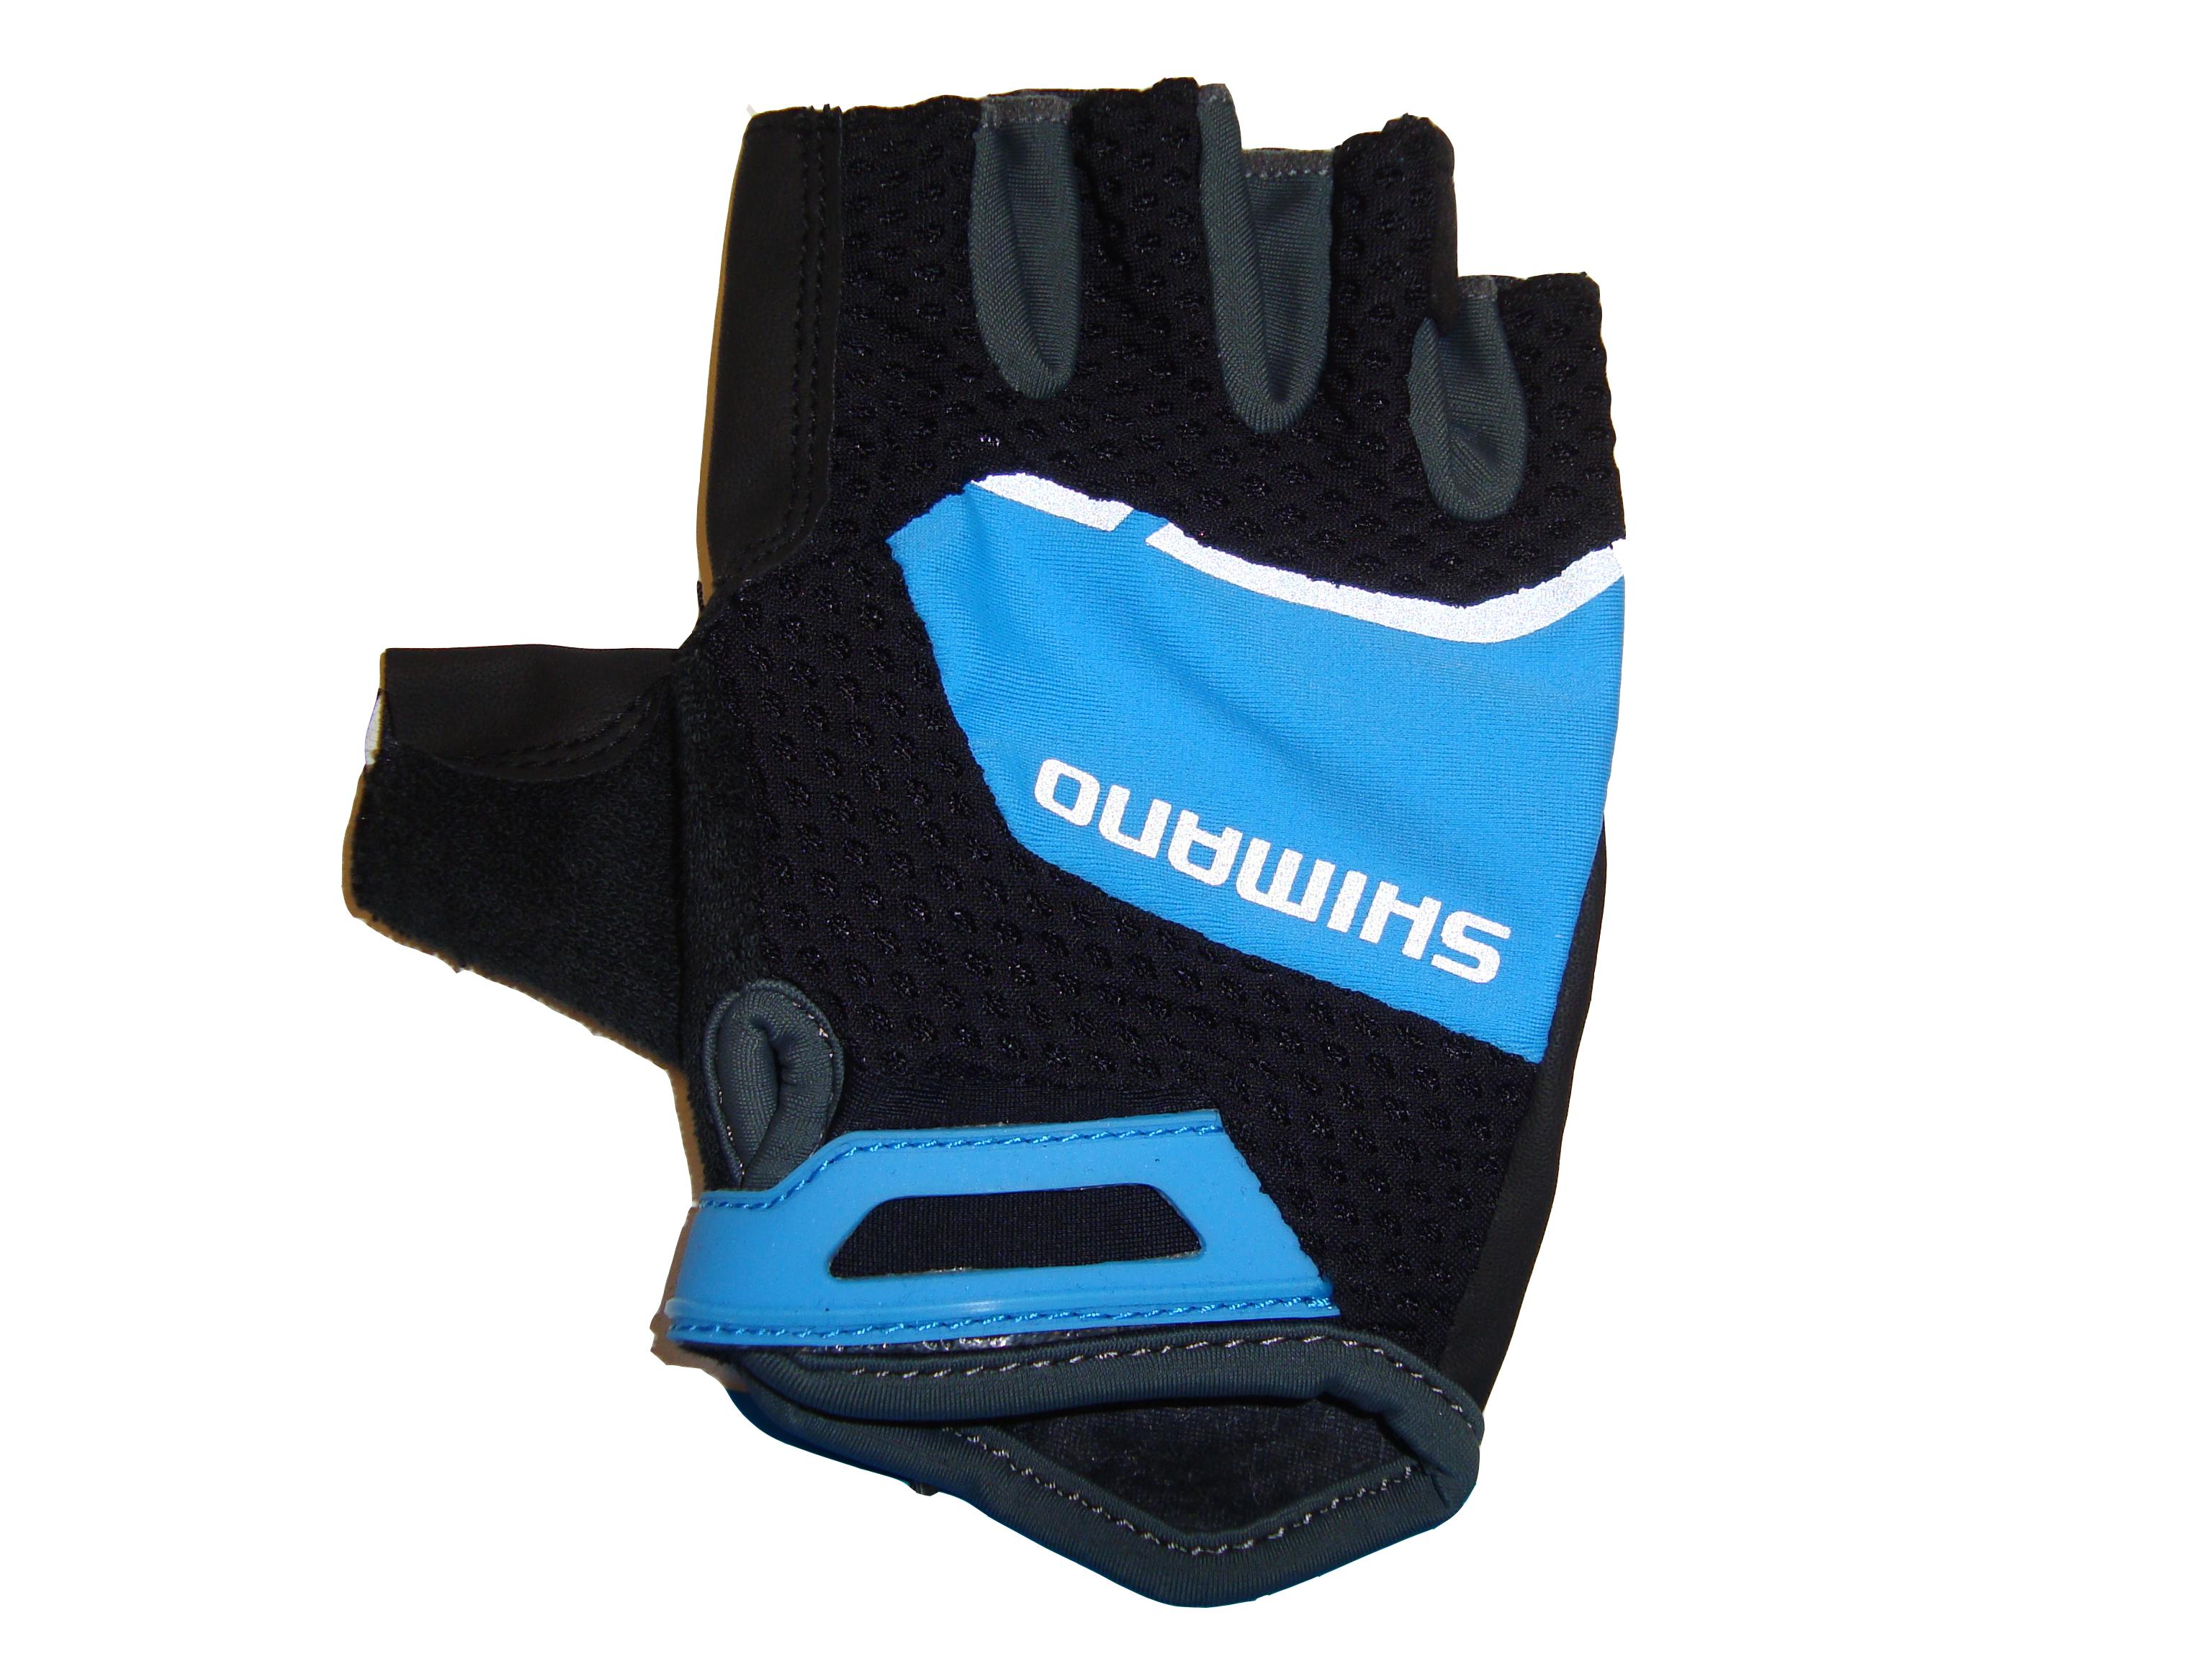 Shimano Explorer dámské rukavice, modrá, L